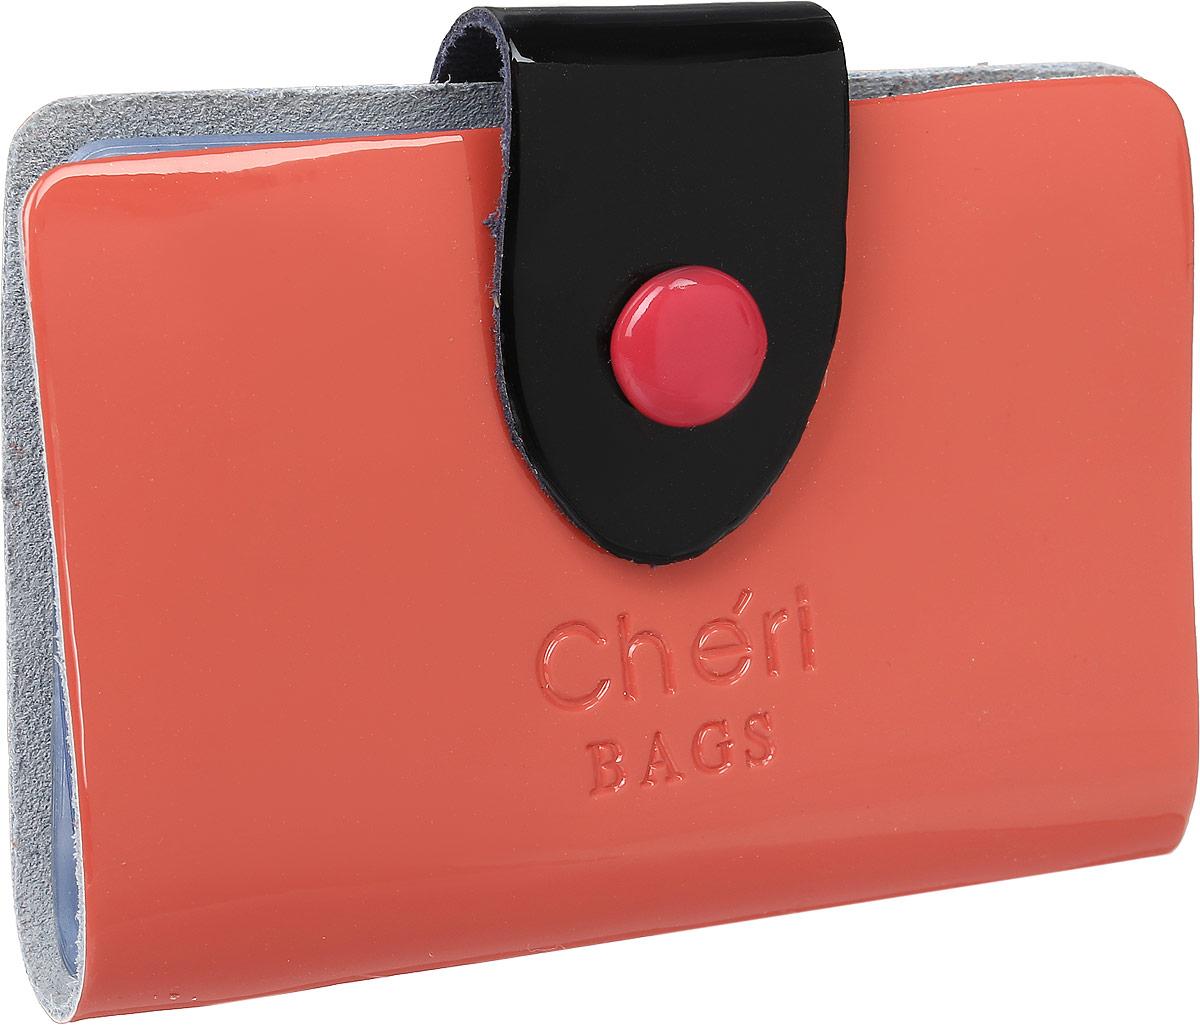 Визитница женская Cheribags, цвет: коралловый. V-0499-32INT-06501Визитница Cheribags выполнена из натуральной лаковой кожи и оформлена тисненой надписью с названием бренда. Изделие закрывается хлястиком на кнопку. Внутри расположено 26 файлов для визиток и карт.